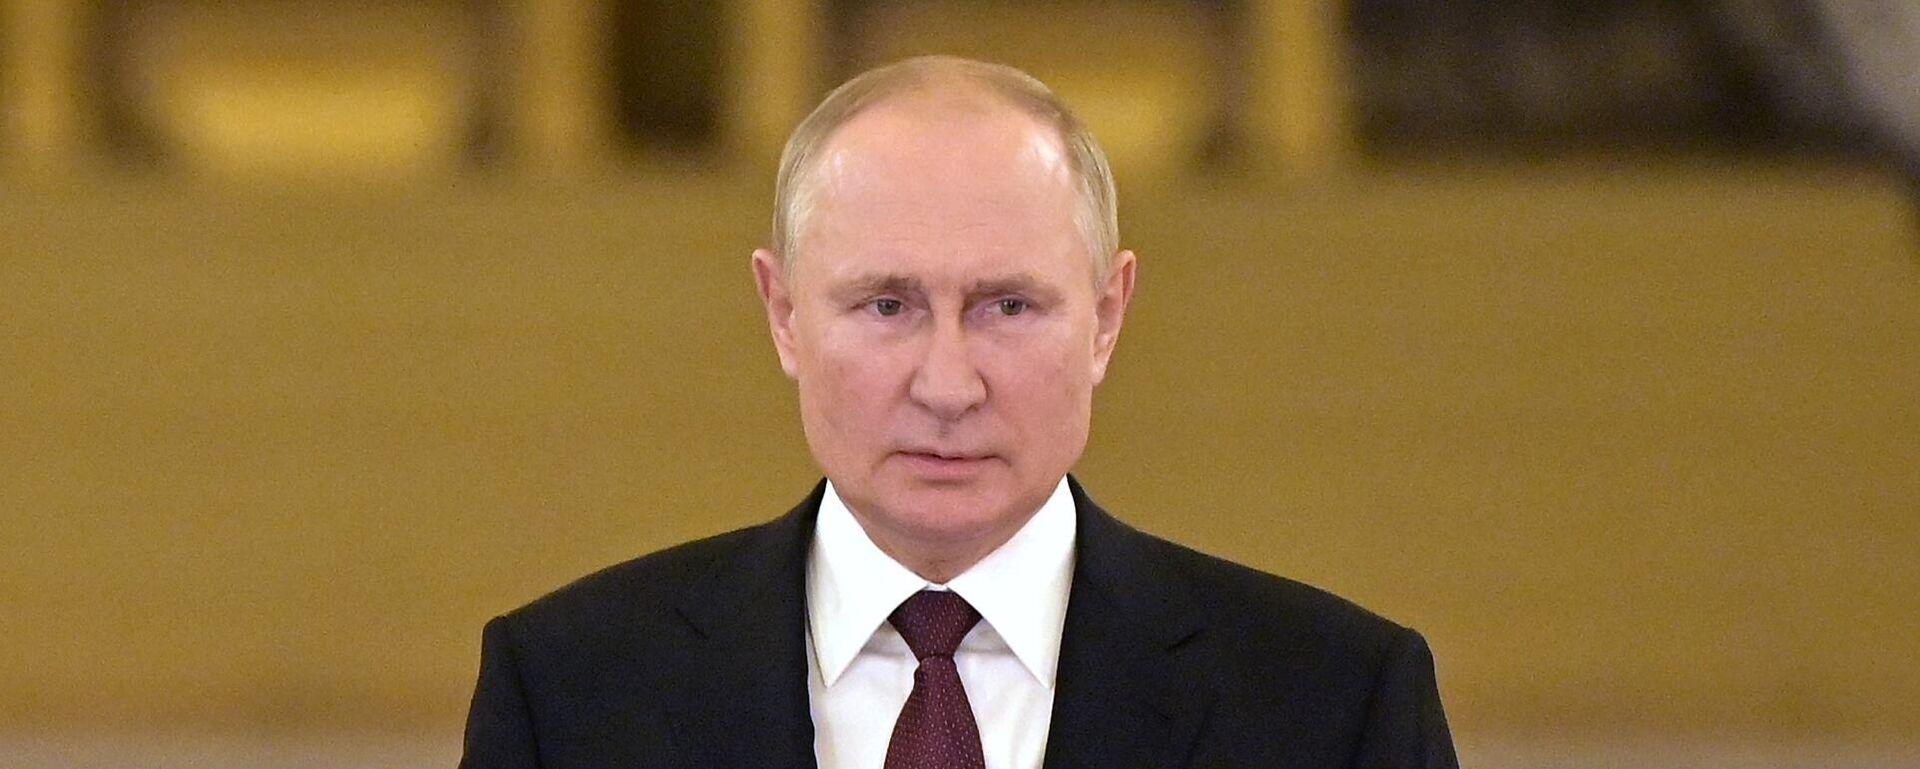 O Βλαντίμιρ Πούτιν μετά τη συνάντηση με Μέρκελ - Sputnik Ελλάδα, 1920, 16.09.2021